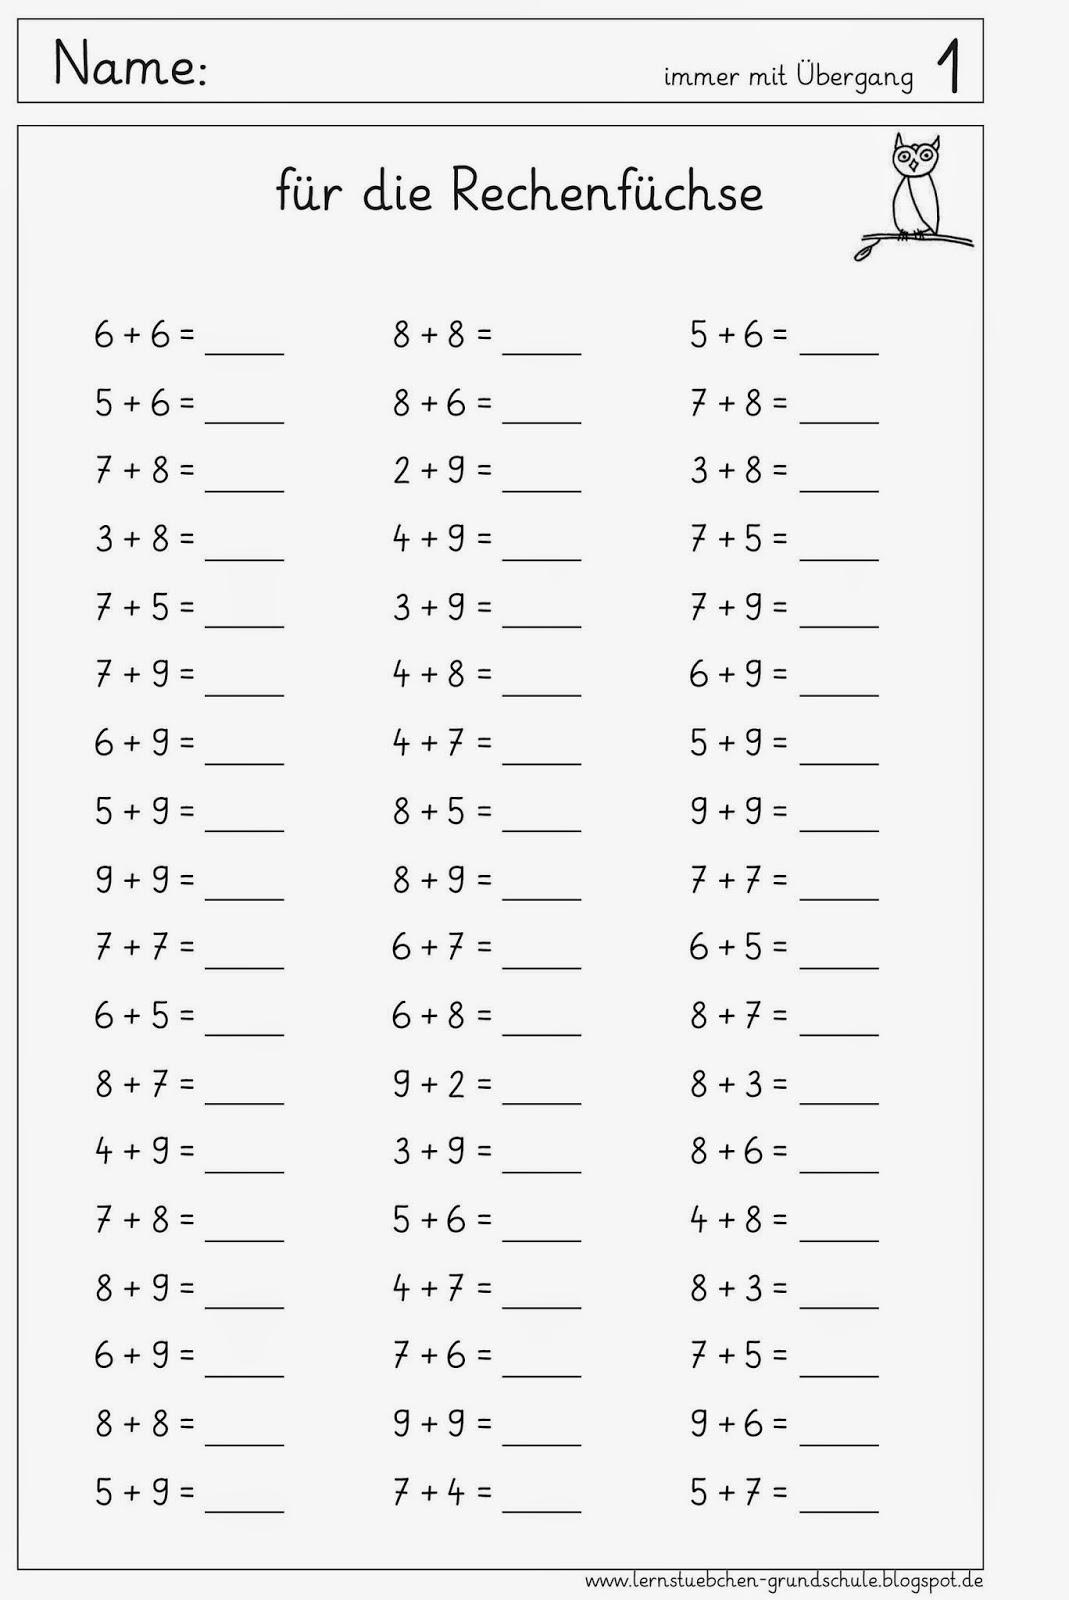 Lernstubchen Letzten Arbeitsblatter Zum Kopfrechnen Zr 20